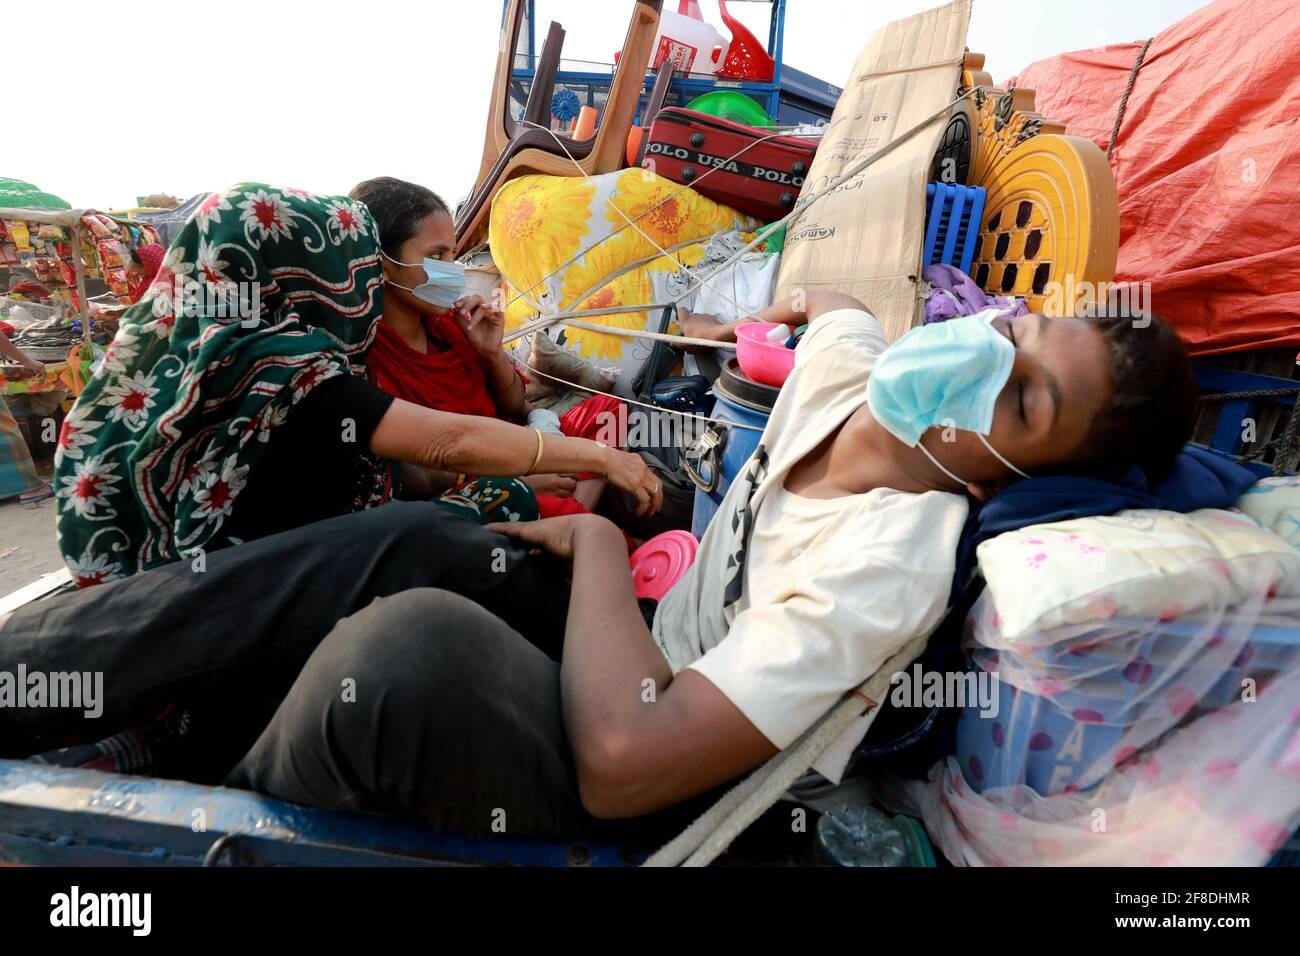 Dhaka, Dhaka, Bangladesh. 13 Apr 2021. La gente comincia a lasciare Dhaka davanti a un nuovo blocco impostato per essere applicato con regole più severe. Una corsa di passeggeri a casa è visto al terminal dei traghetti di Shimulia Credit: Harun-or-Rashid/ZUMA Wire/Alamy Live News Foto Stock